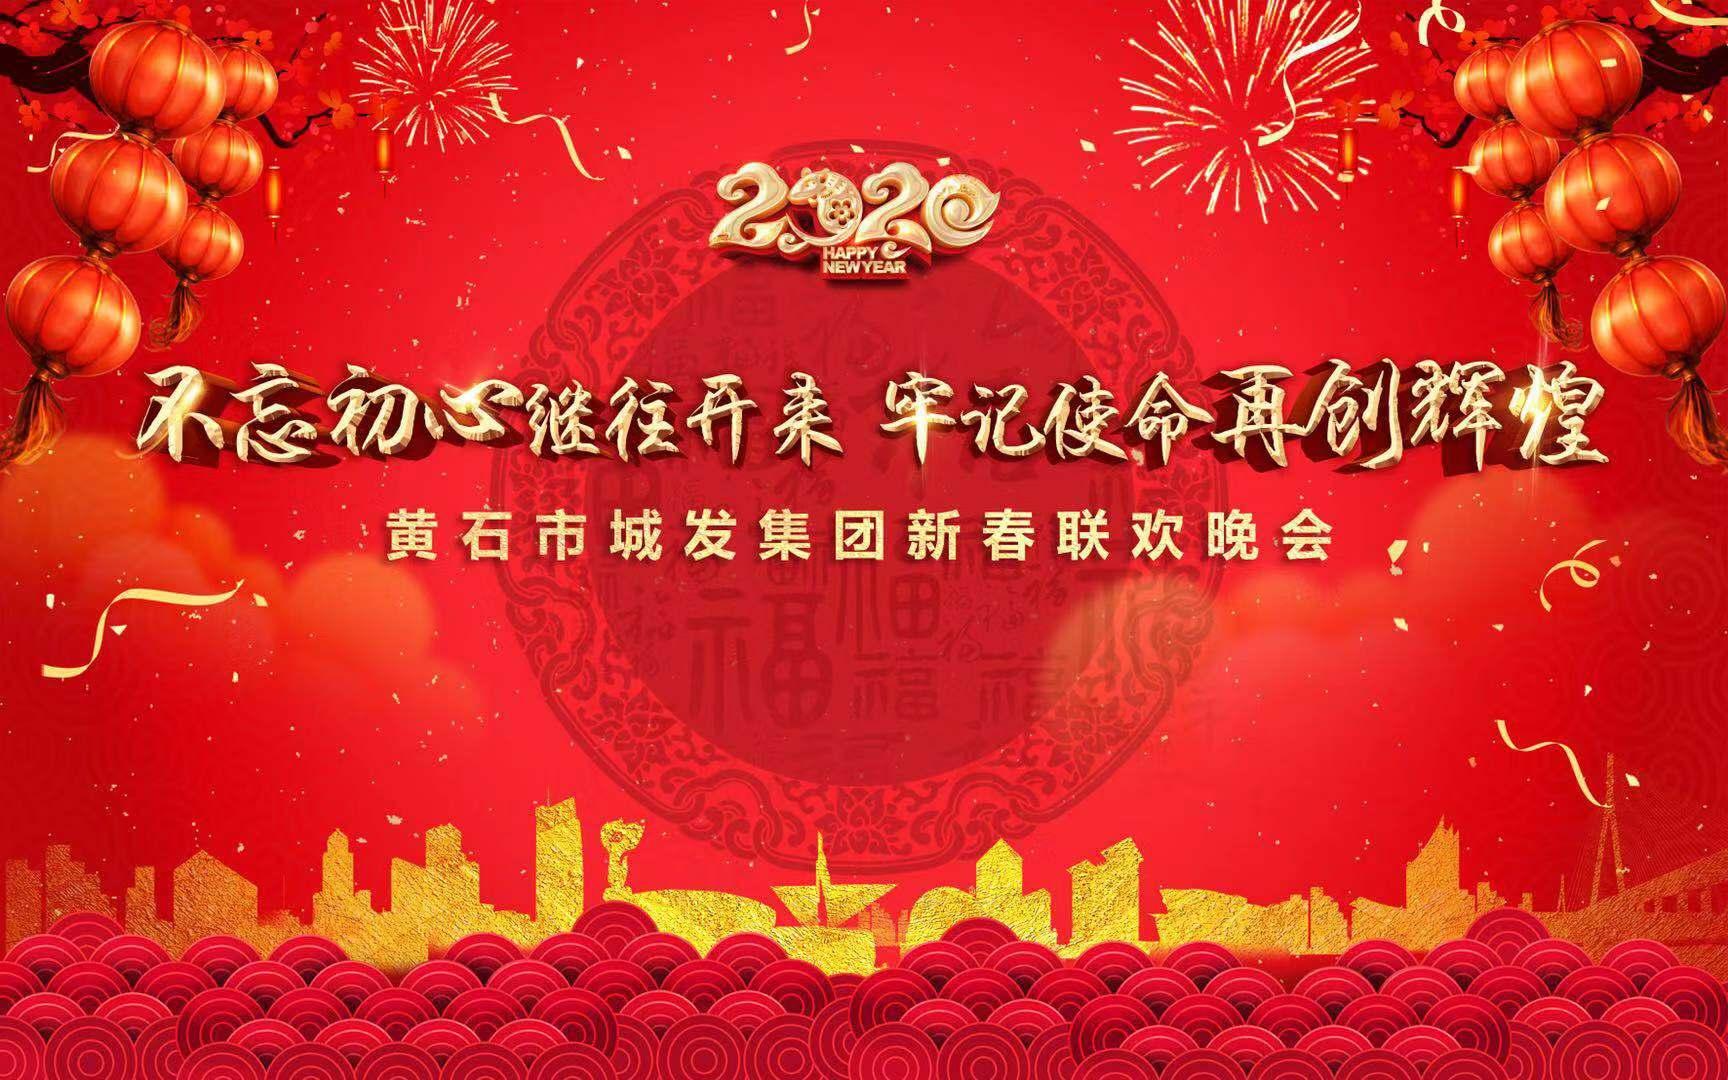 title=' 2020年黄石市城发集团新春联欢晚会'